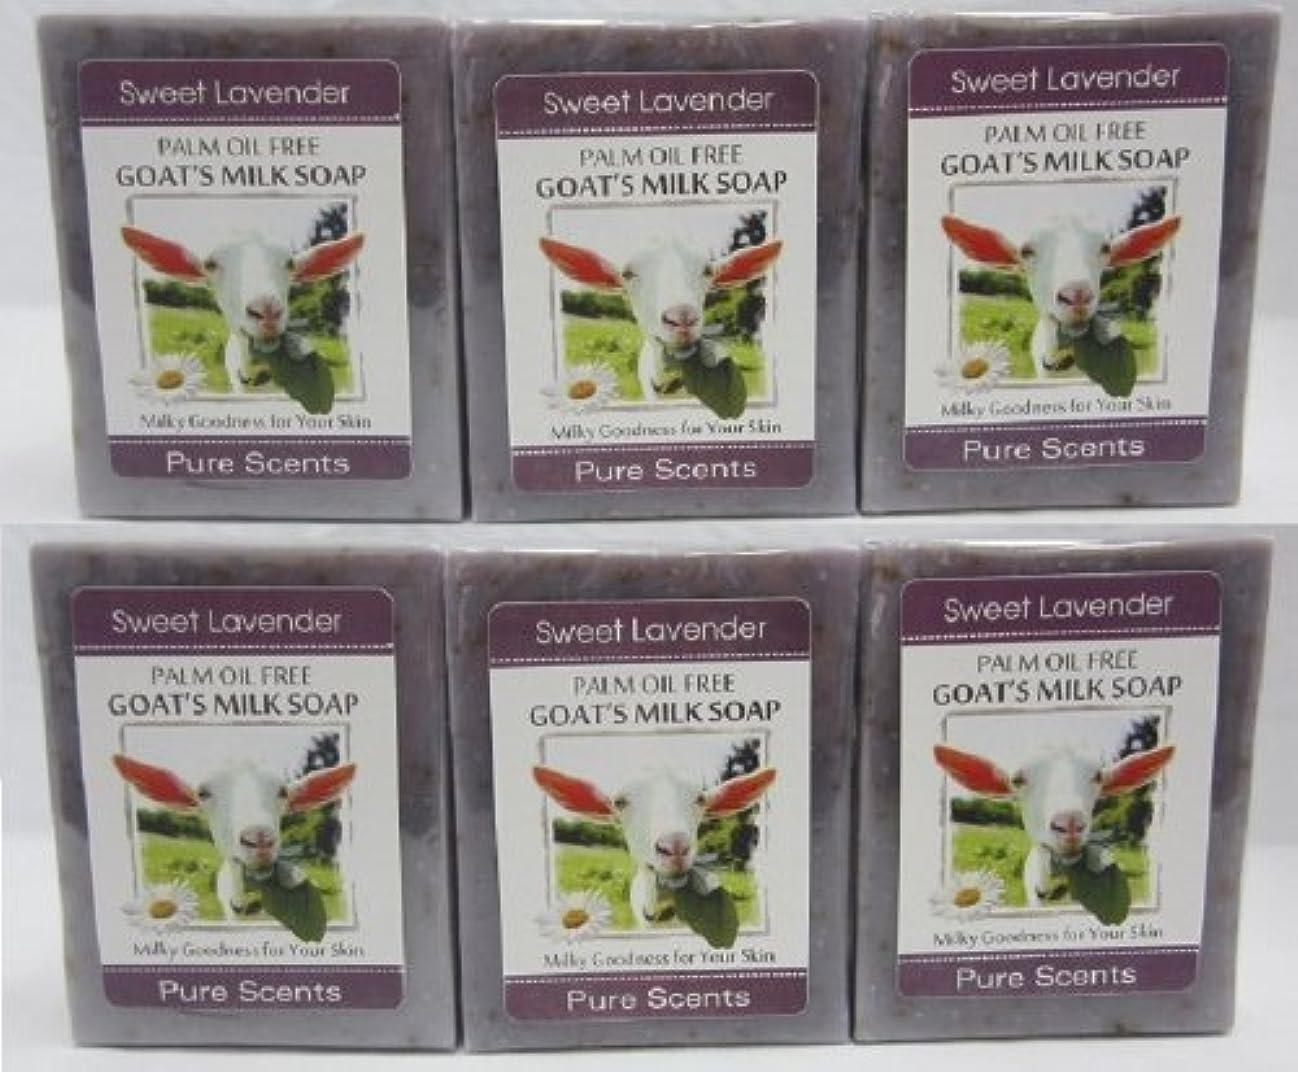 晴れリブ人気の【Pure Scents】Goat's Milk Soap ヤギのミルクせっけん 6個セット Sweet Lavender スイートラベンダー